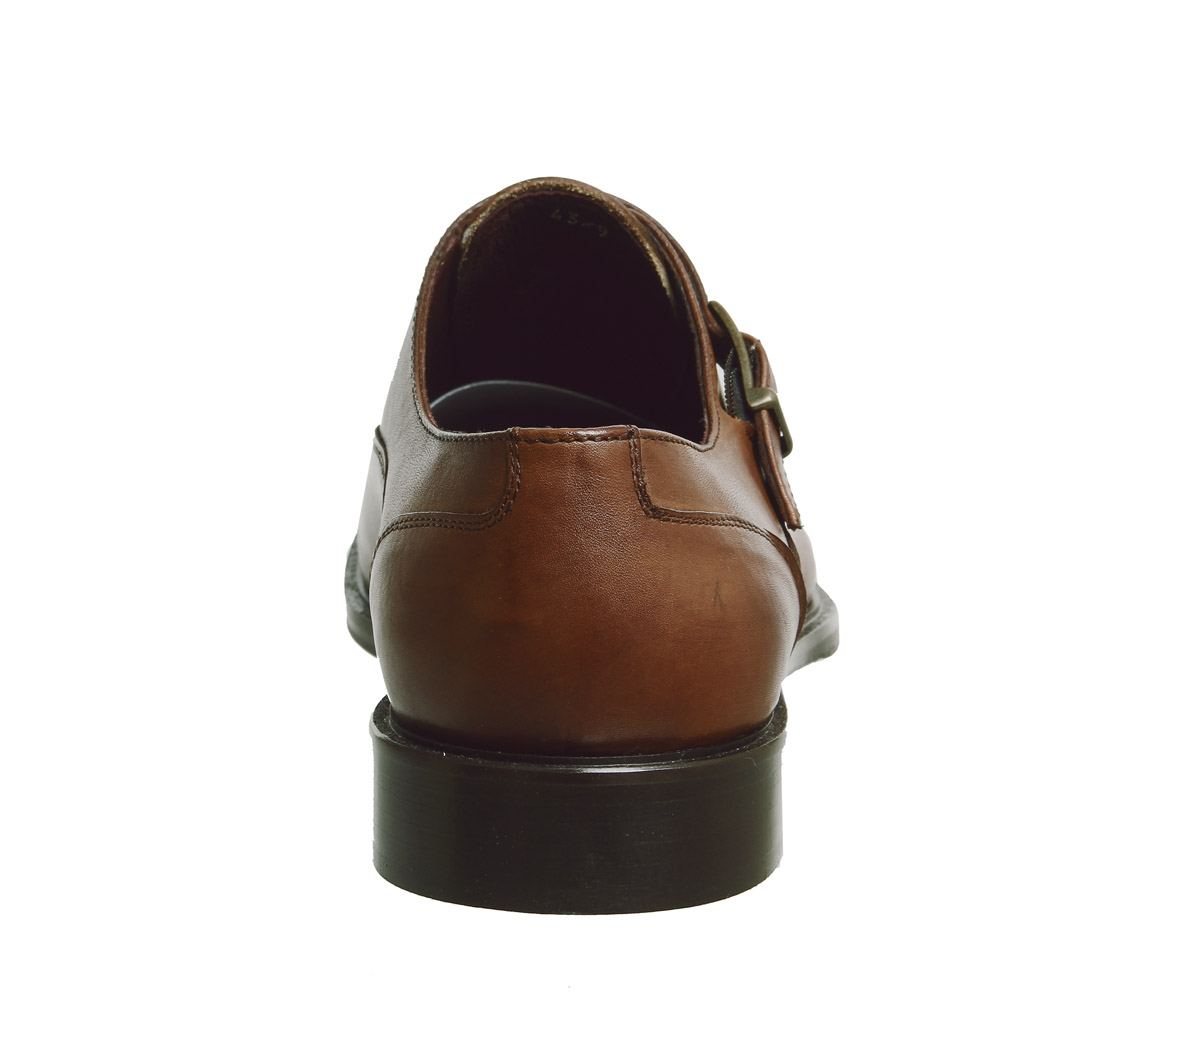 Zapatos de Cuero Zapatos para hombre Poste Inglese único monje Tostado formal